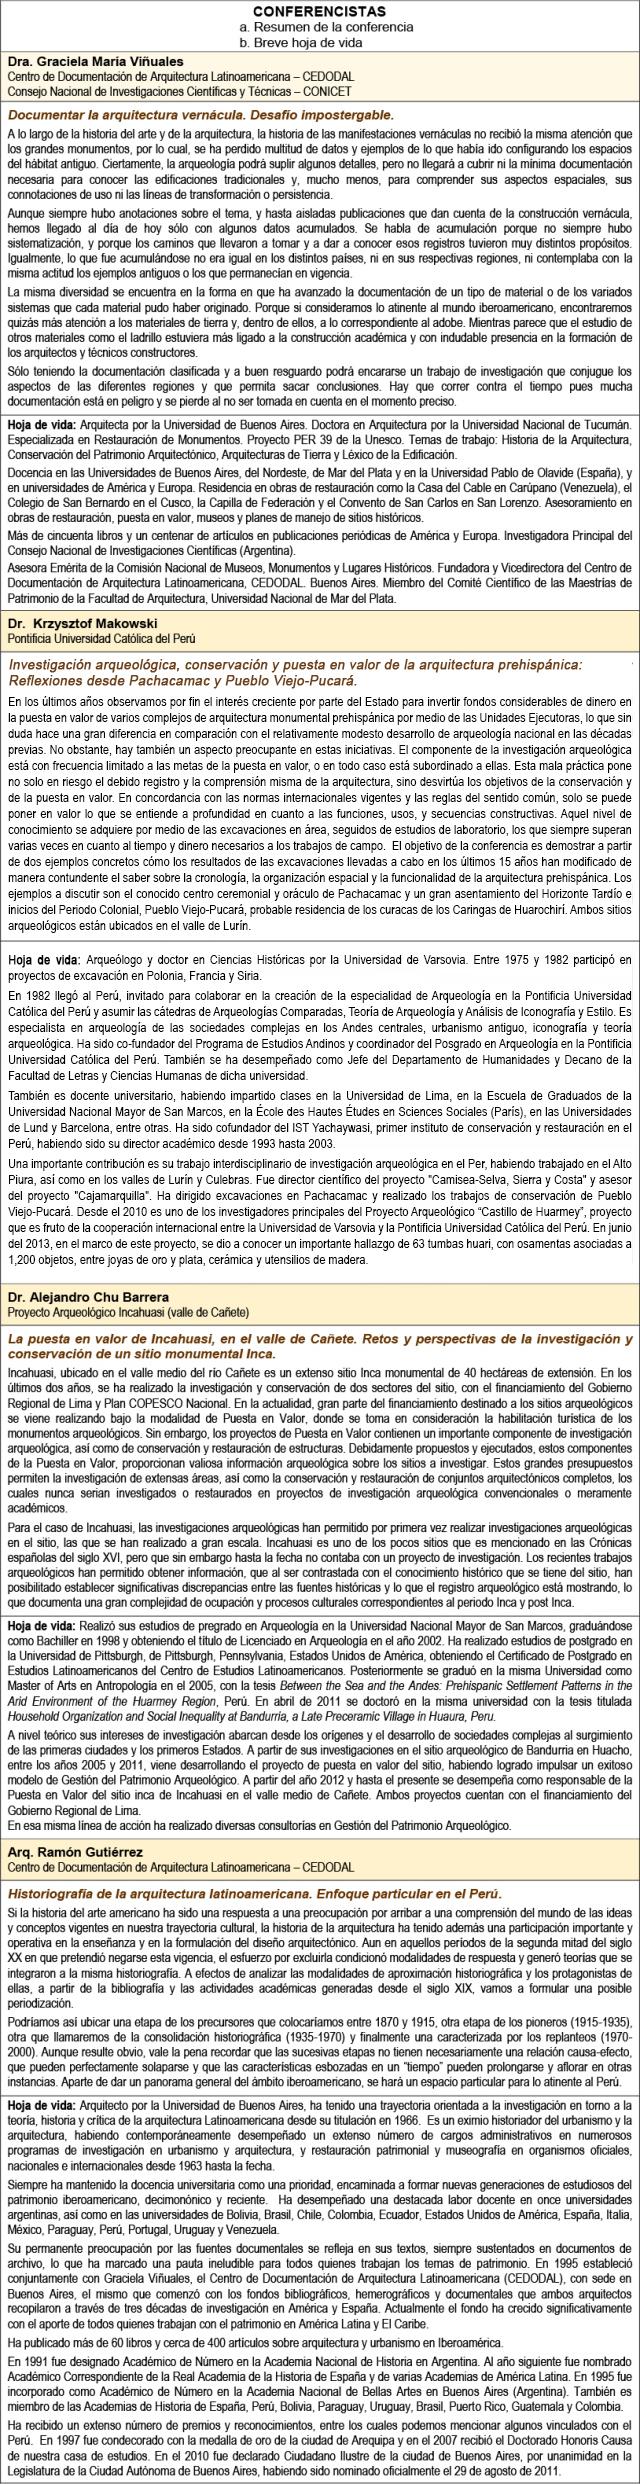 SIMPOSIO-DIMENSION-COTIDIANA-PATRIMONIO-EDIFICADO-PERU